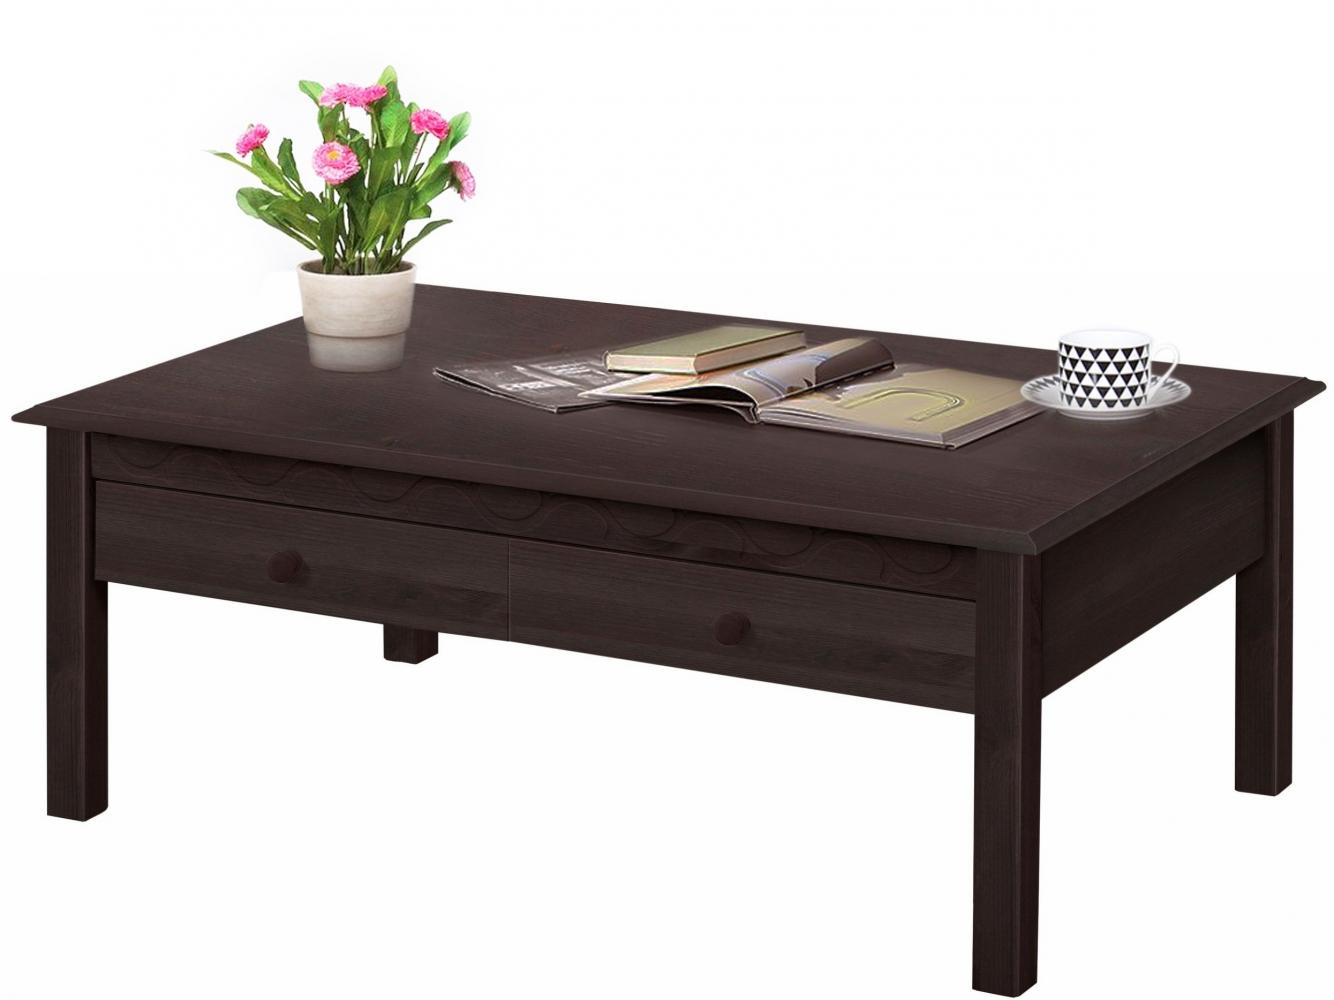 Konferenční stolek Londa, 110 cm, tmavě hnědá